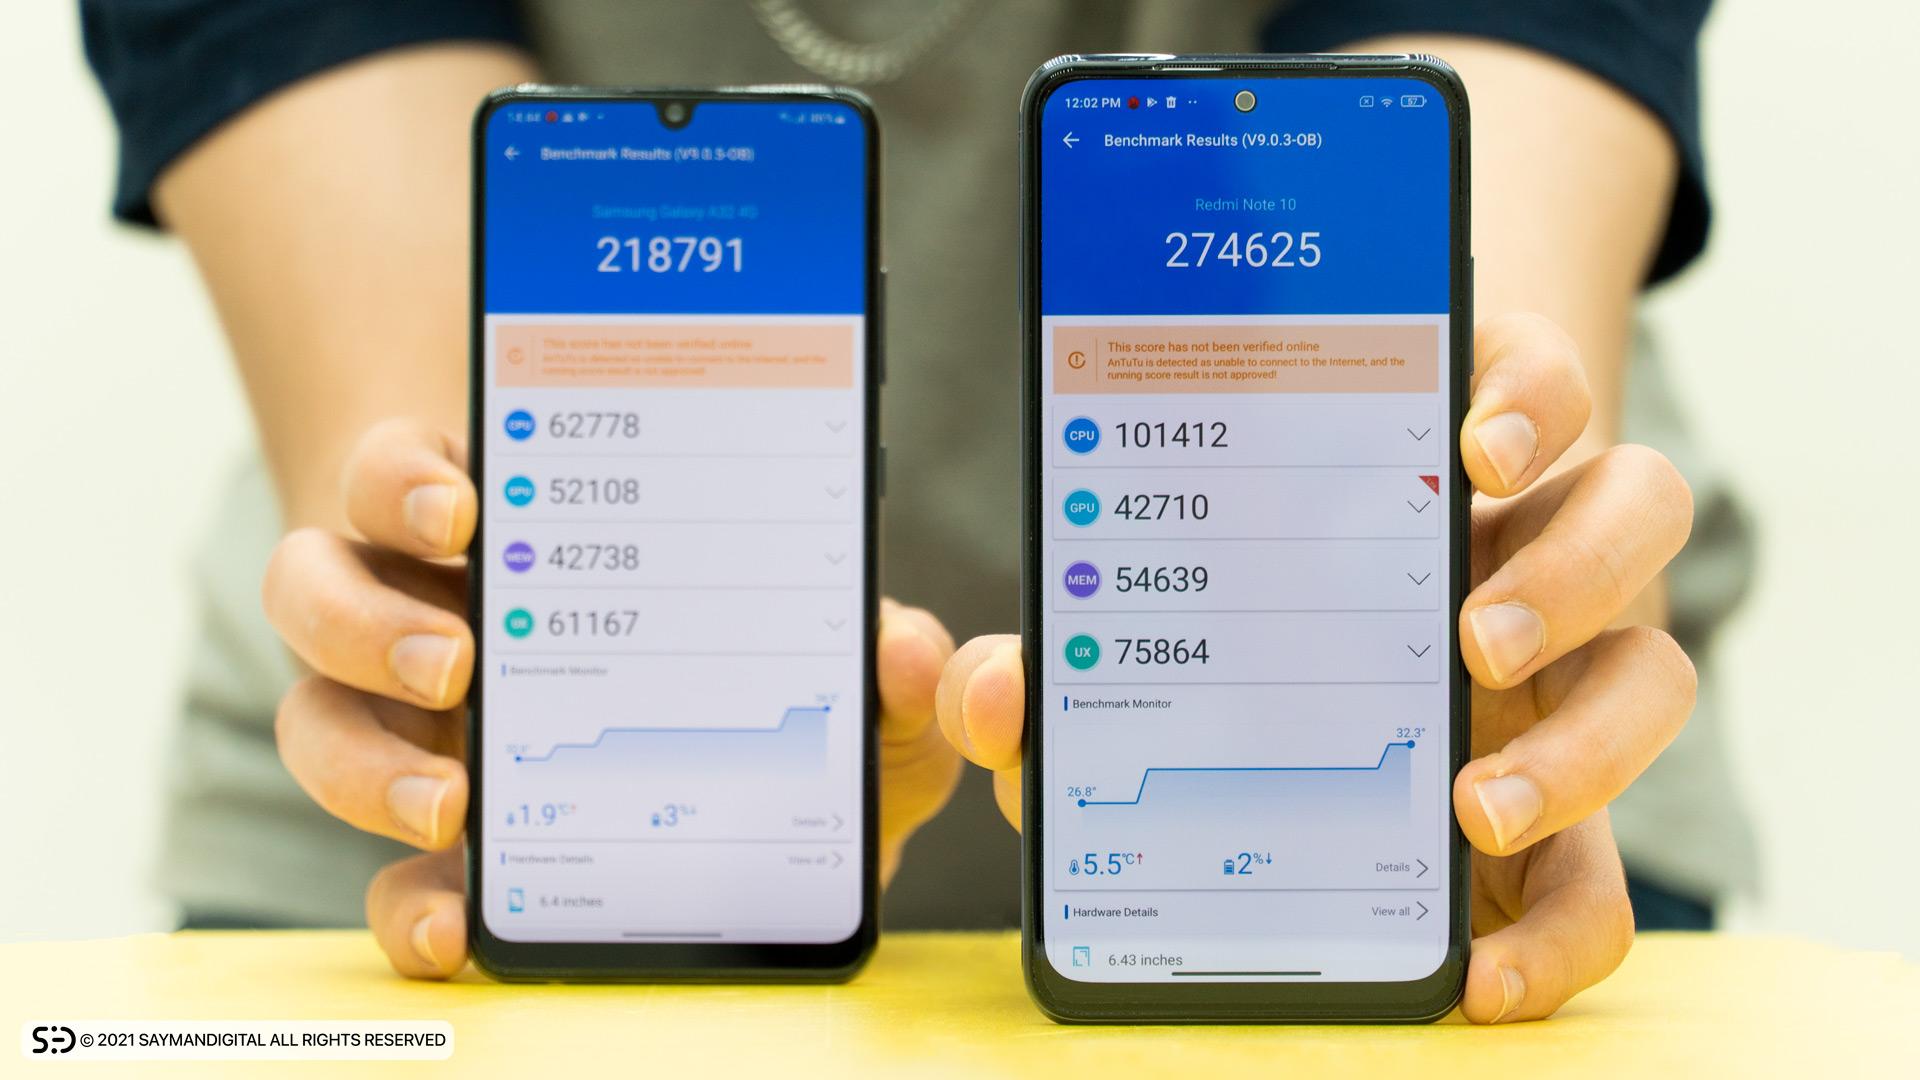 مقایسه قدرت سخت افزاری دو گوشی در مطلب ردمی نوت 10 بخریم یا A32